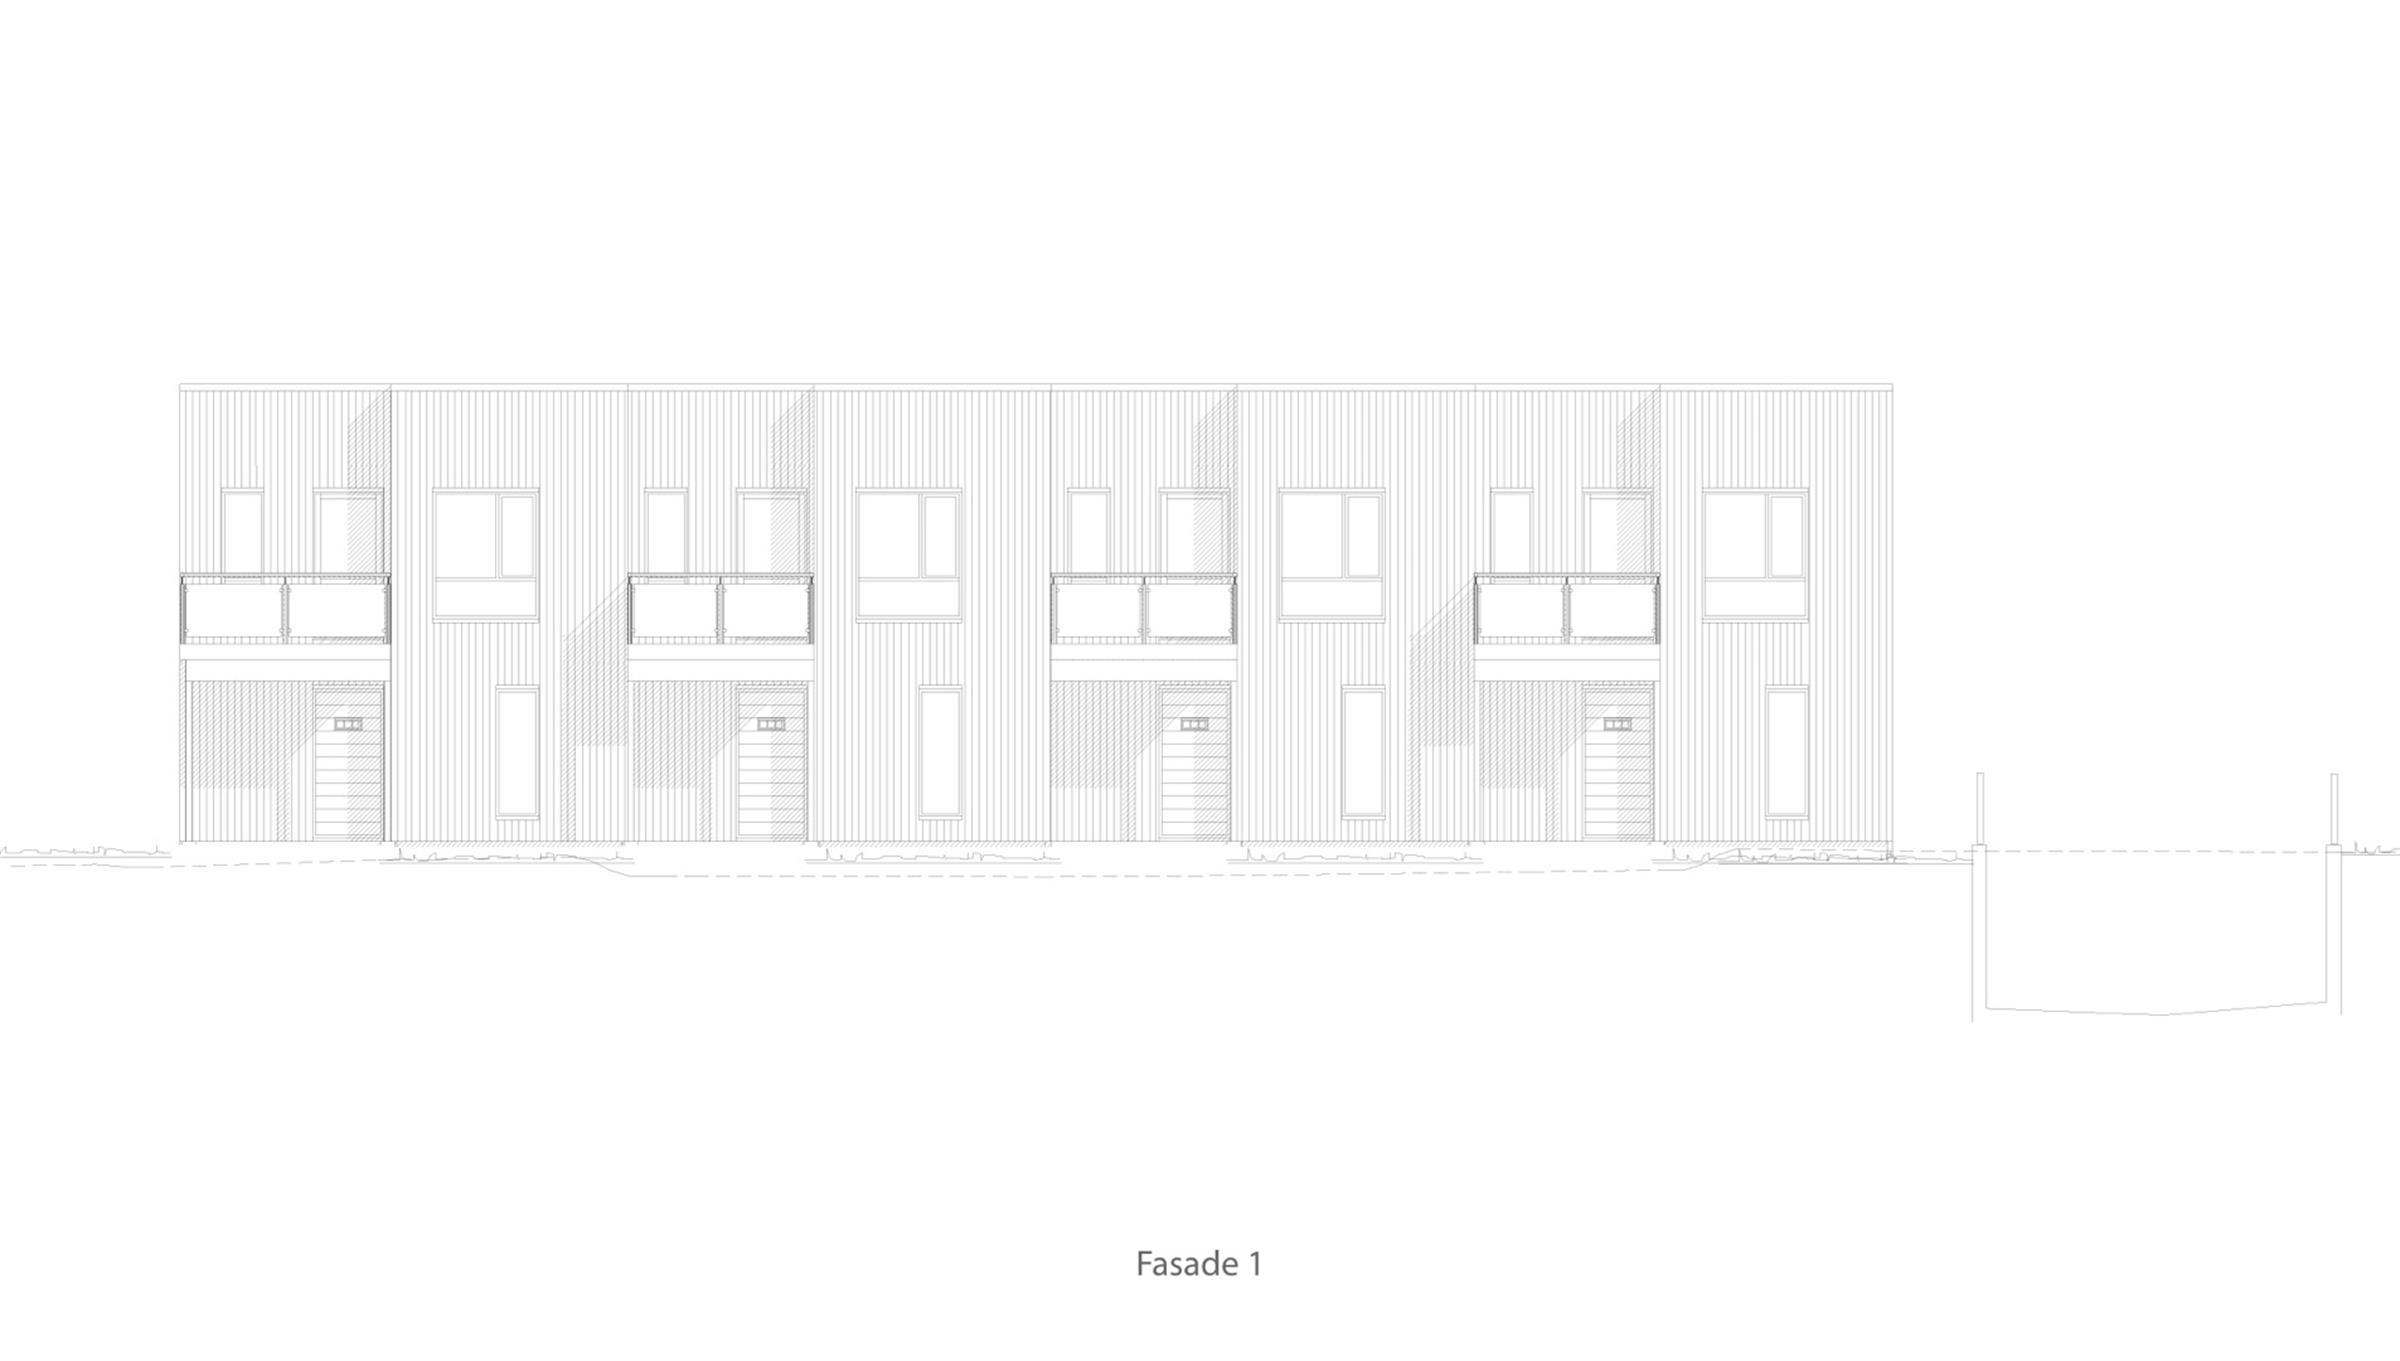 Porsgrunn fasade 1